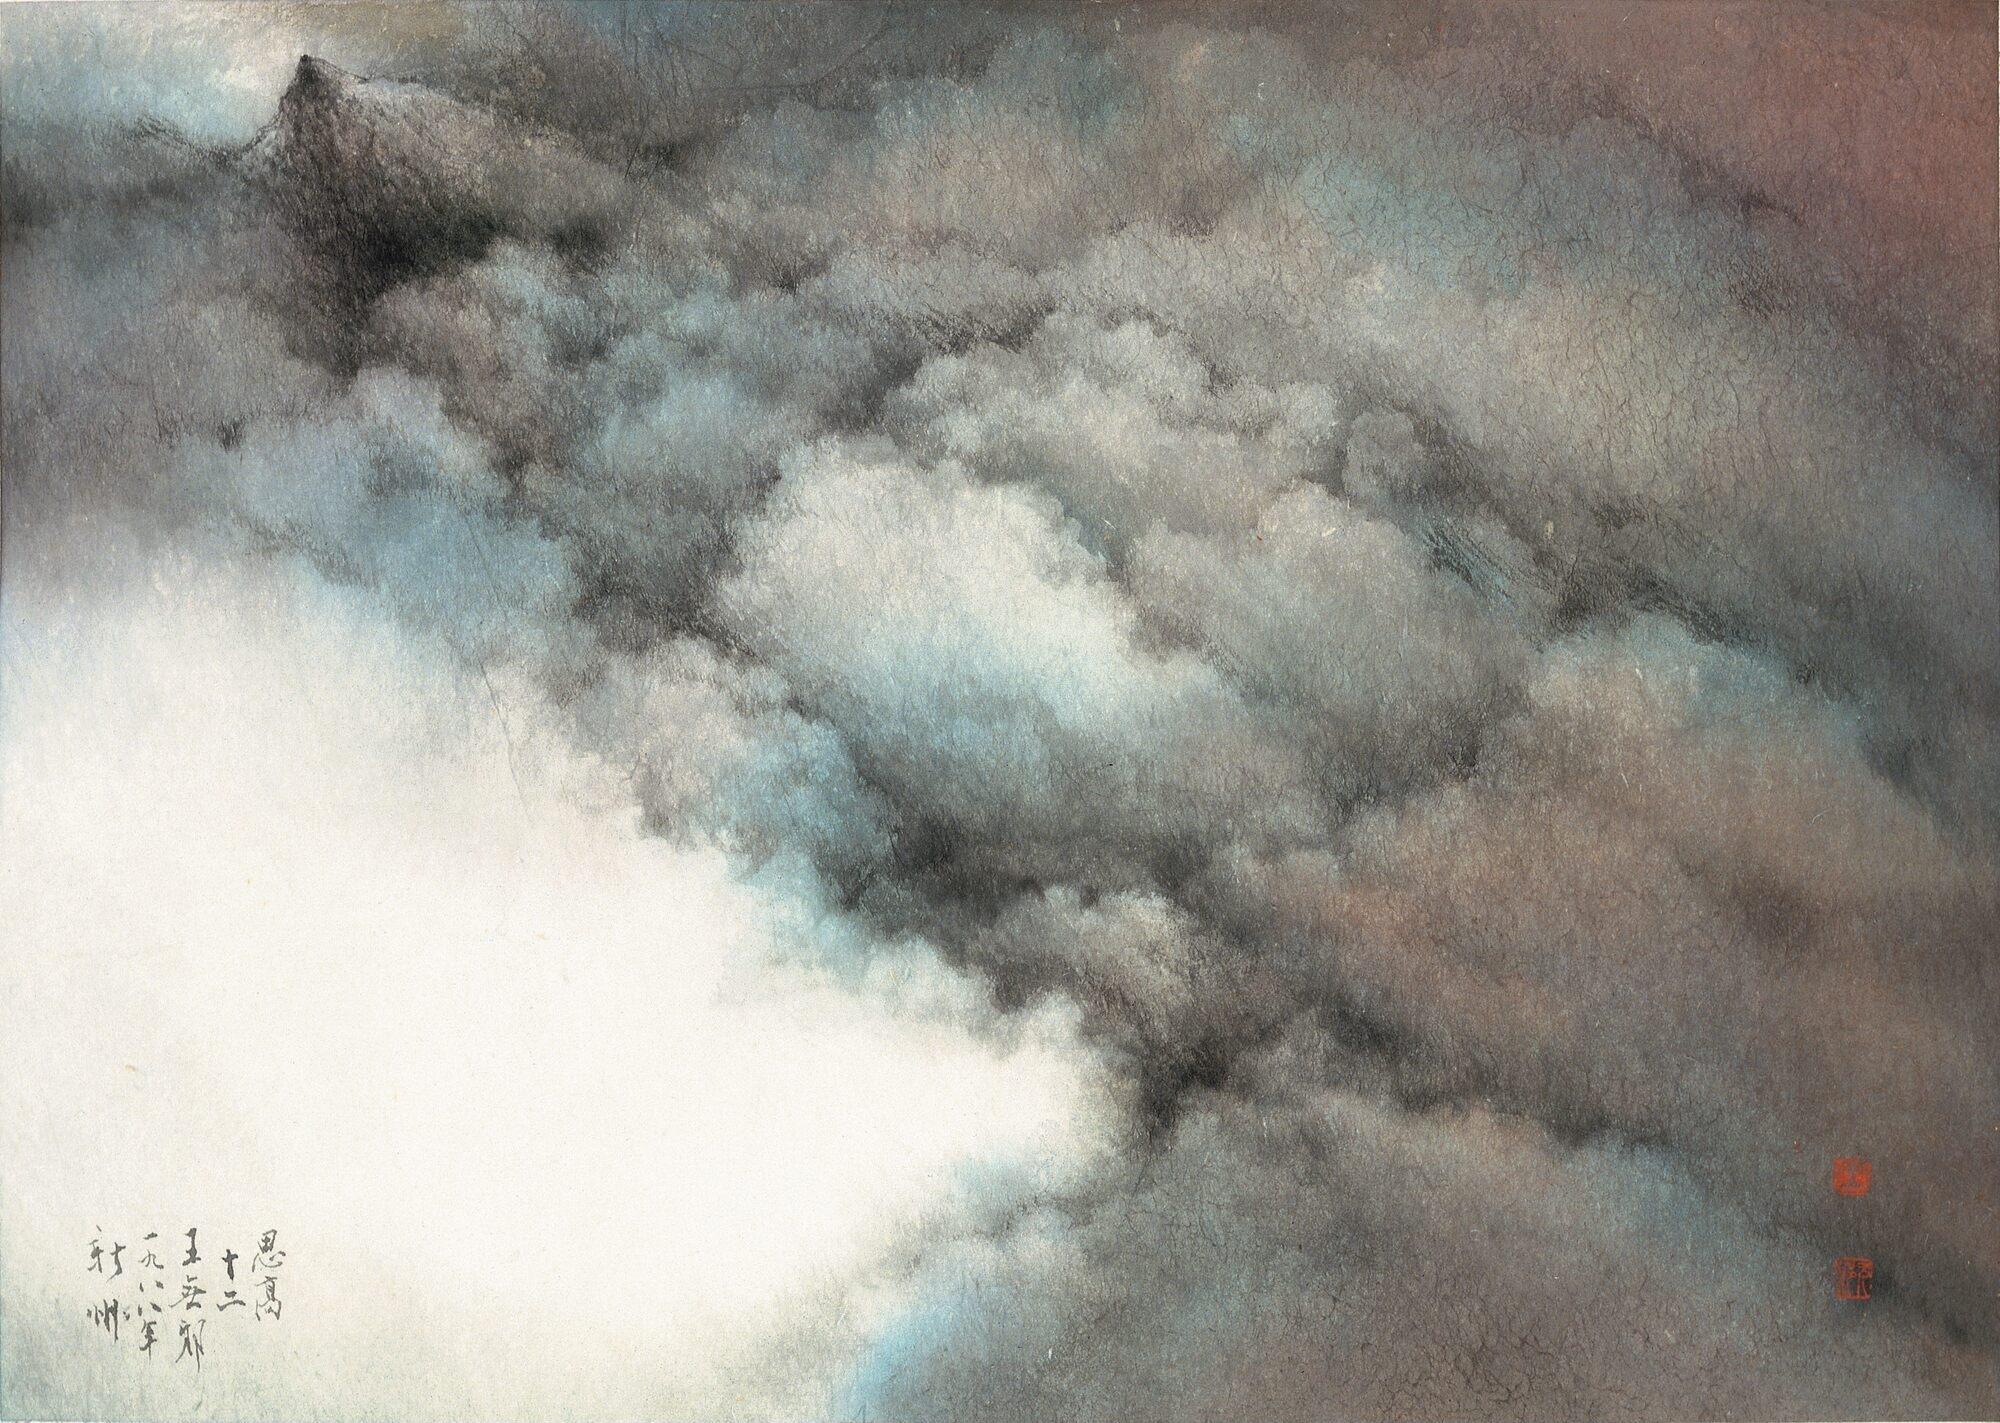 Le nuage de l'inconnaissance